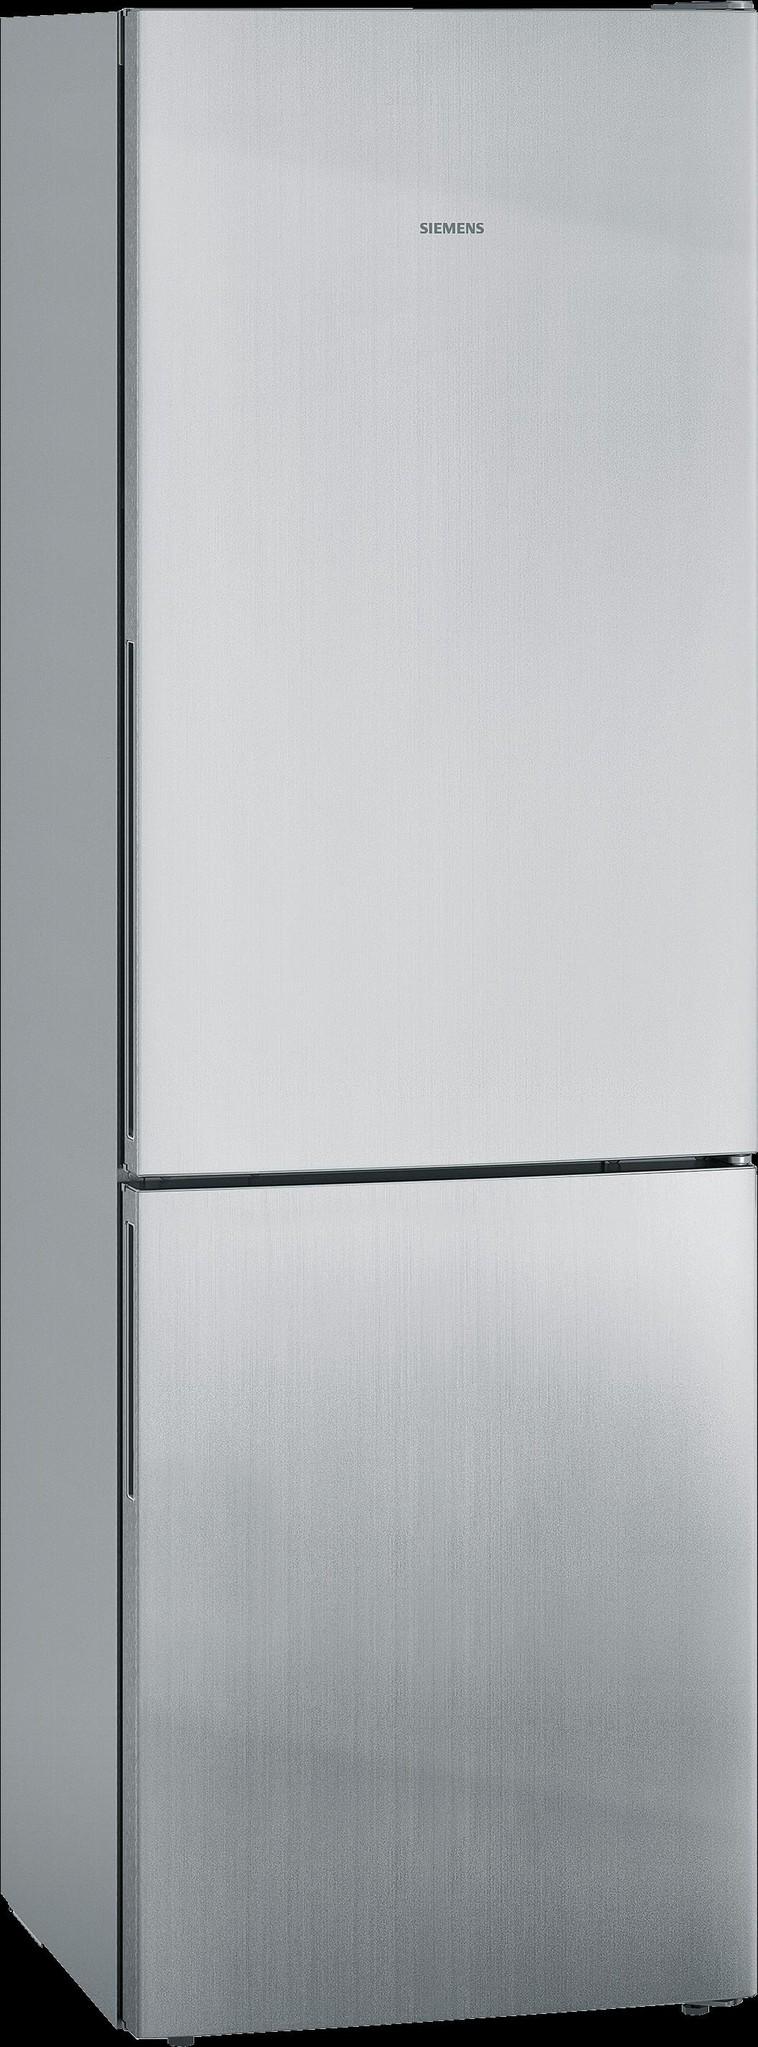 Siemens KG36EALCA Vrijstaande koel-vriescombinatie